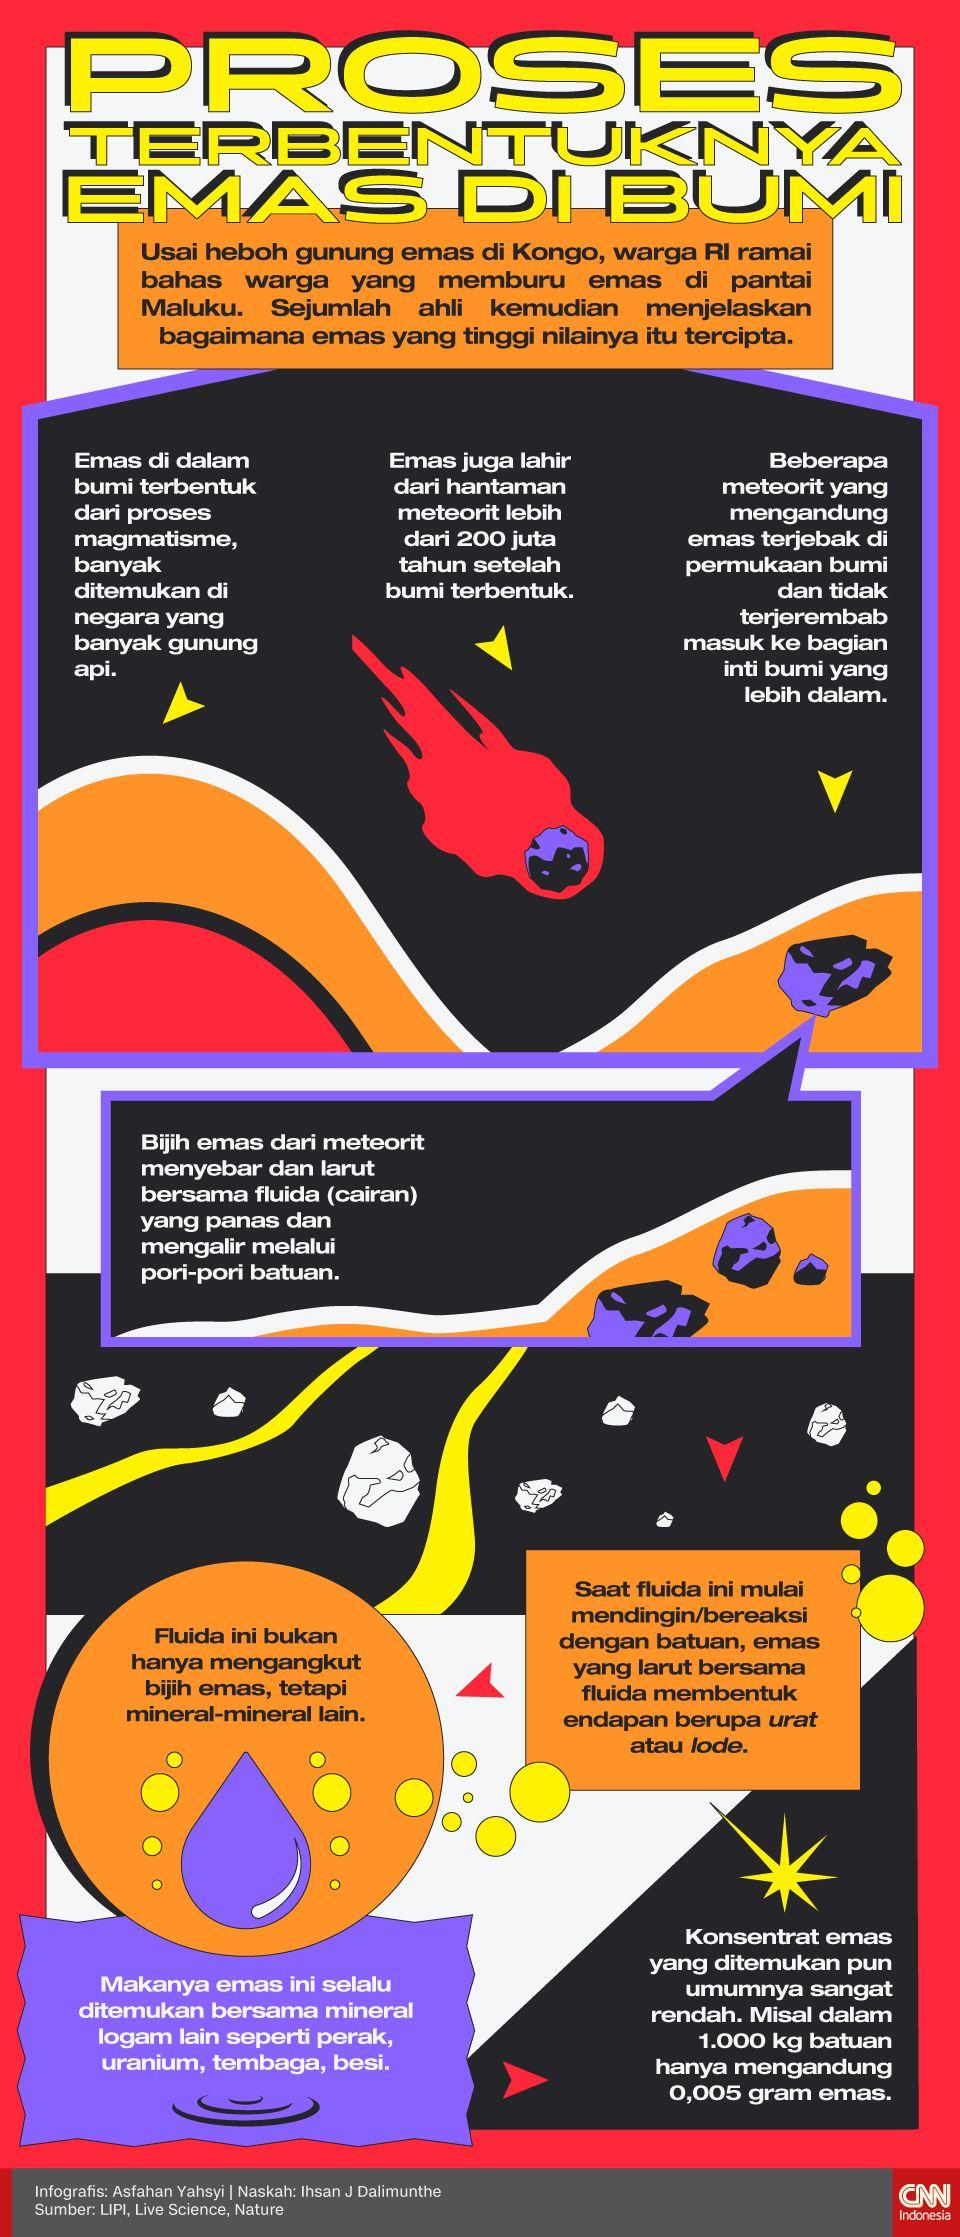 Infografis Proses Terbentuknya Emas di Bumi